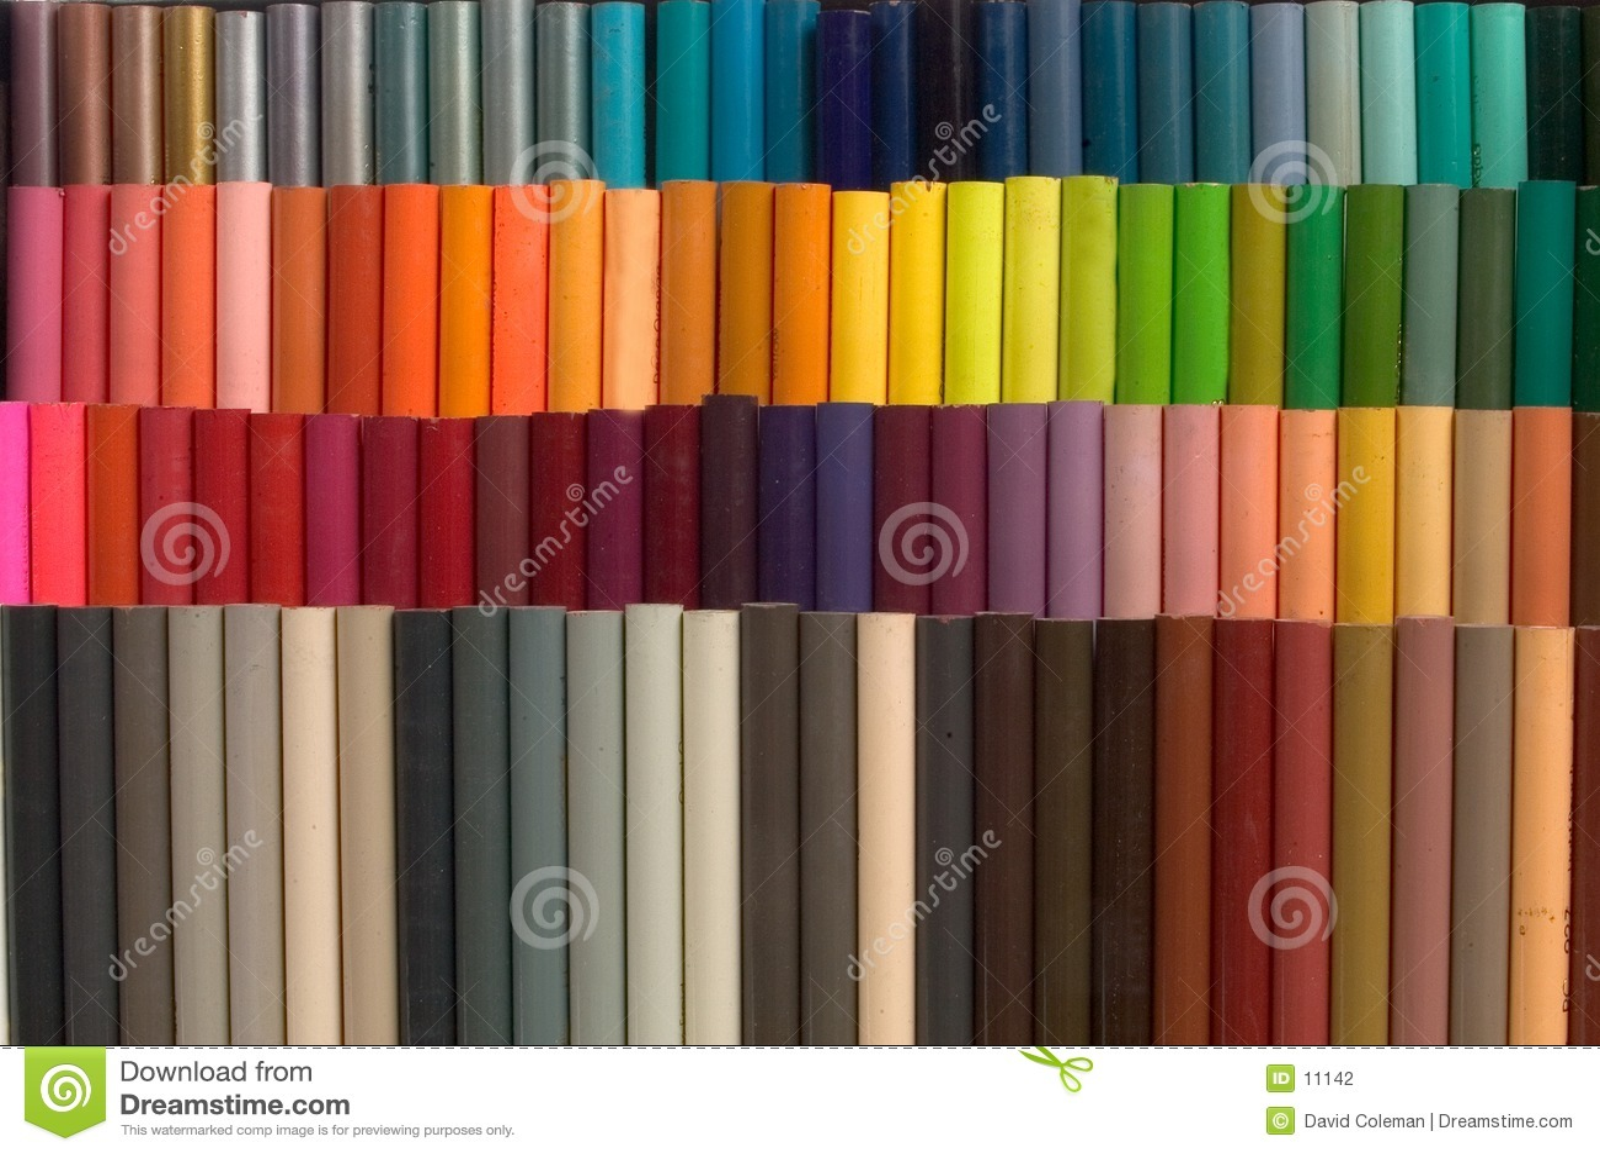 Farbige Bleistifte